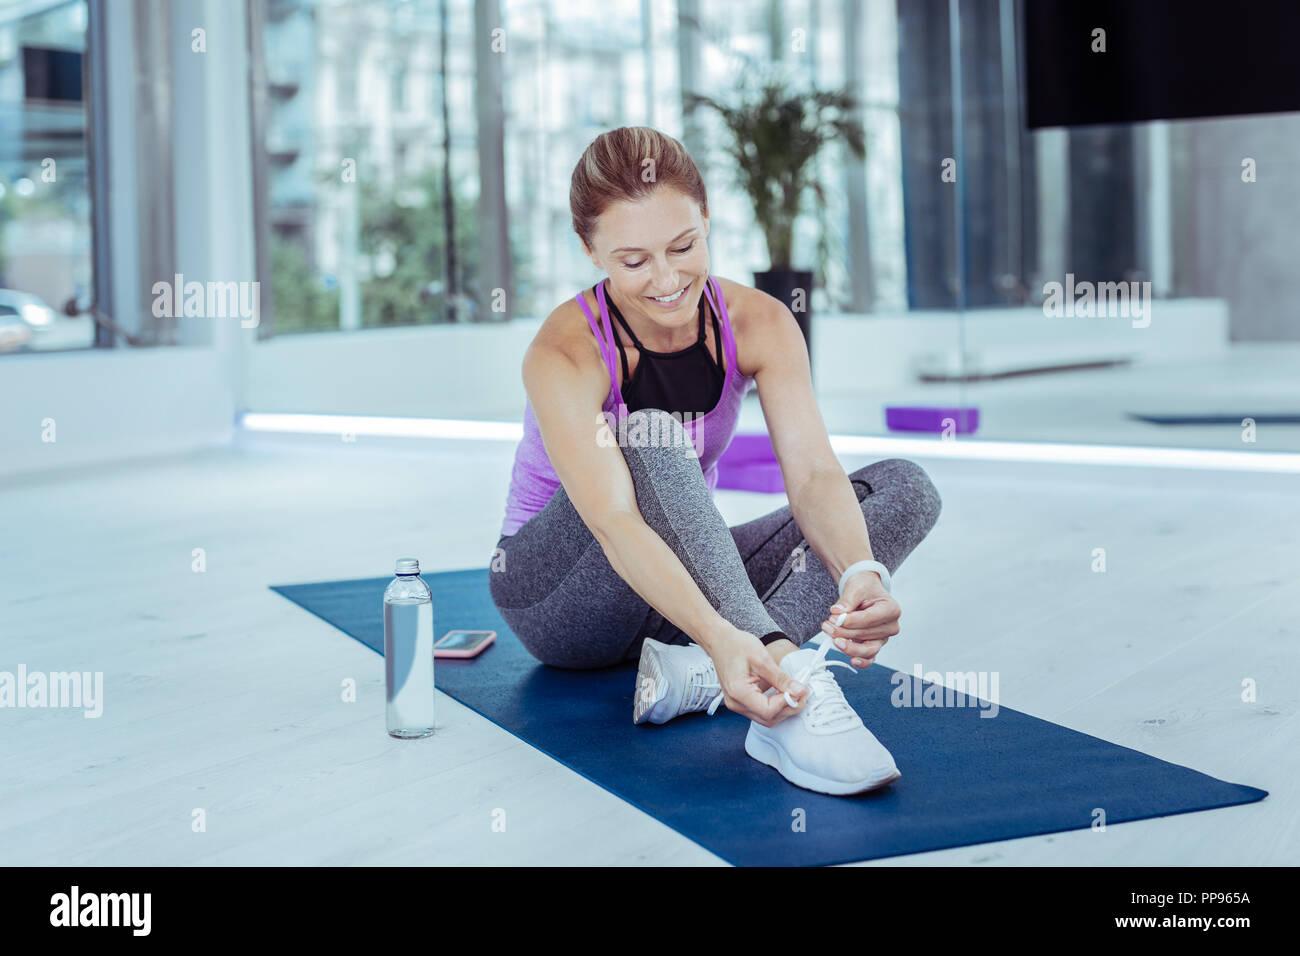 Froh, reife Frau, bevor Workout gekleidet Stockbild